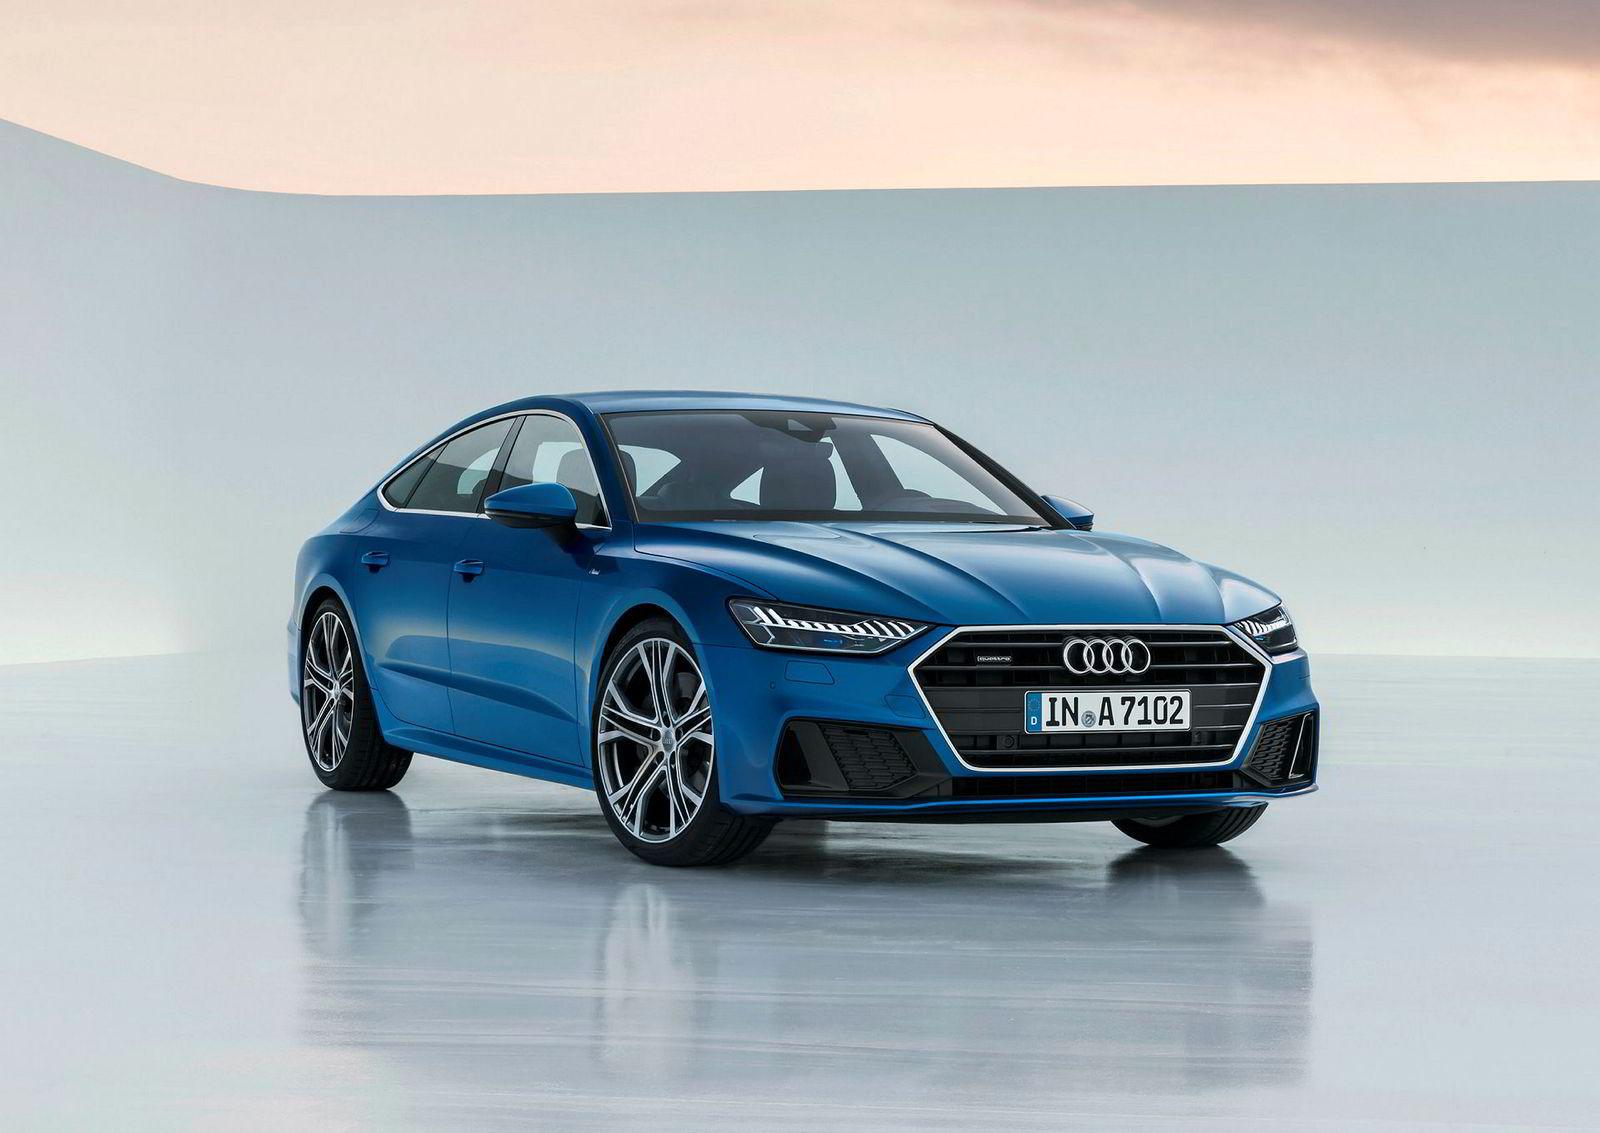 Audi A7 kommer på markedet i starten av neste år.